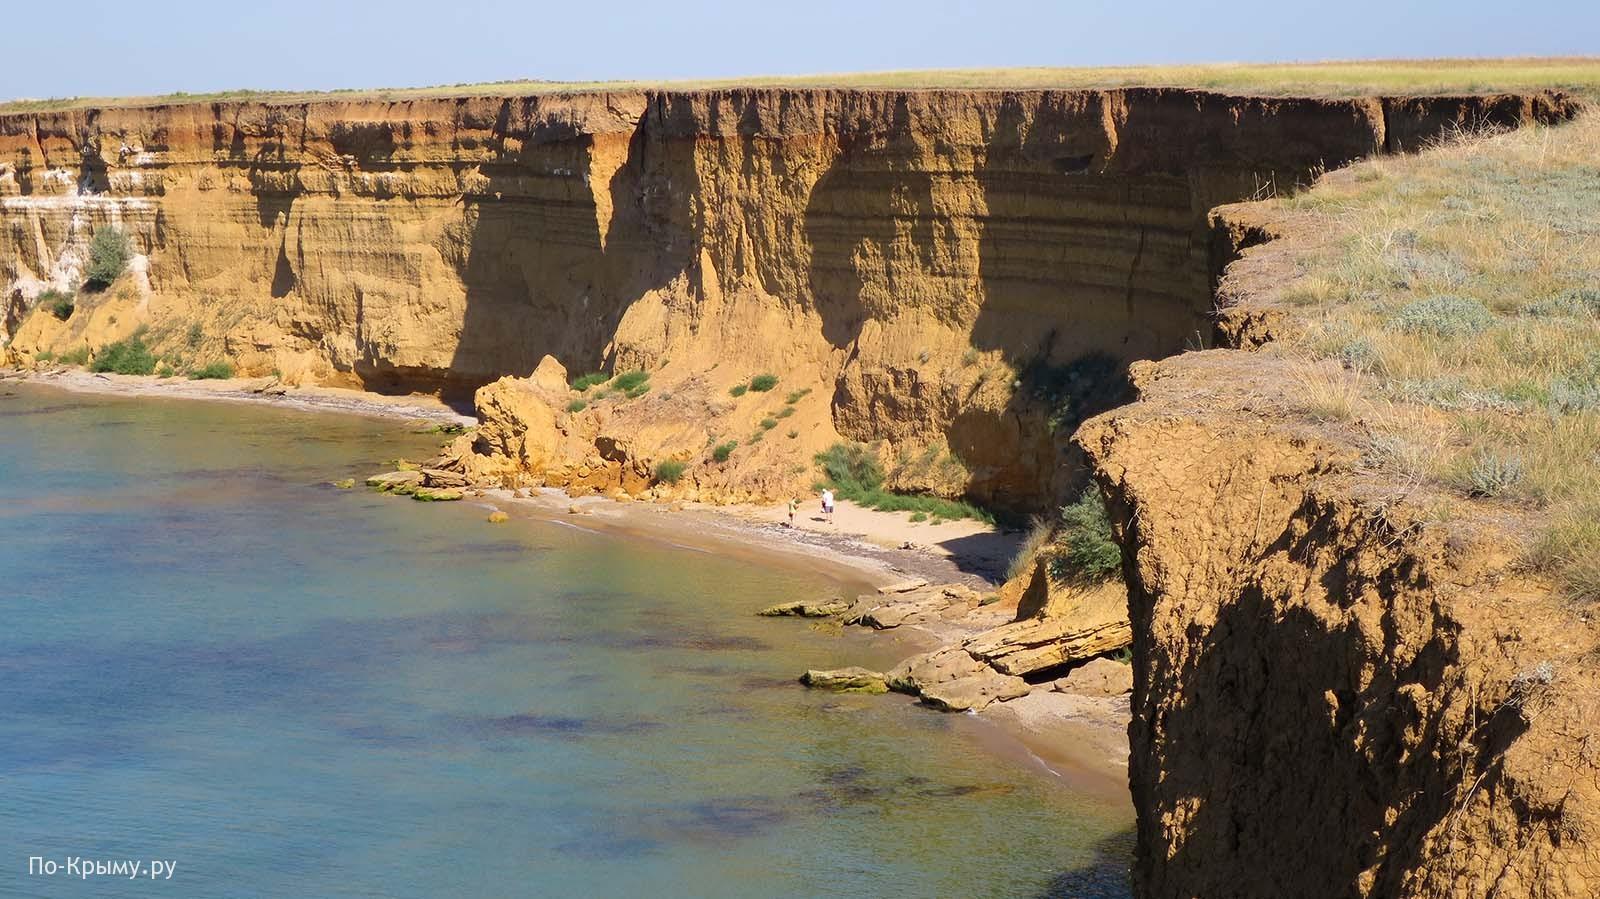 Нудистский пляж у мыса Лукулл